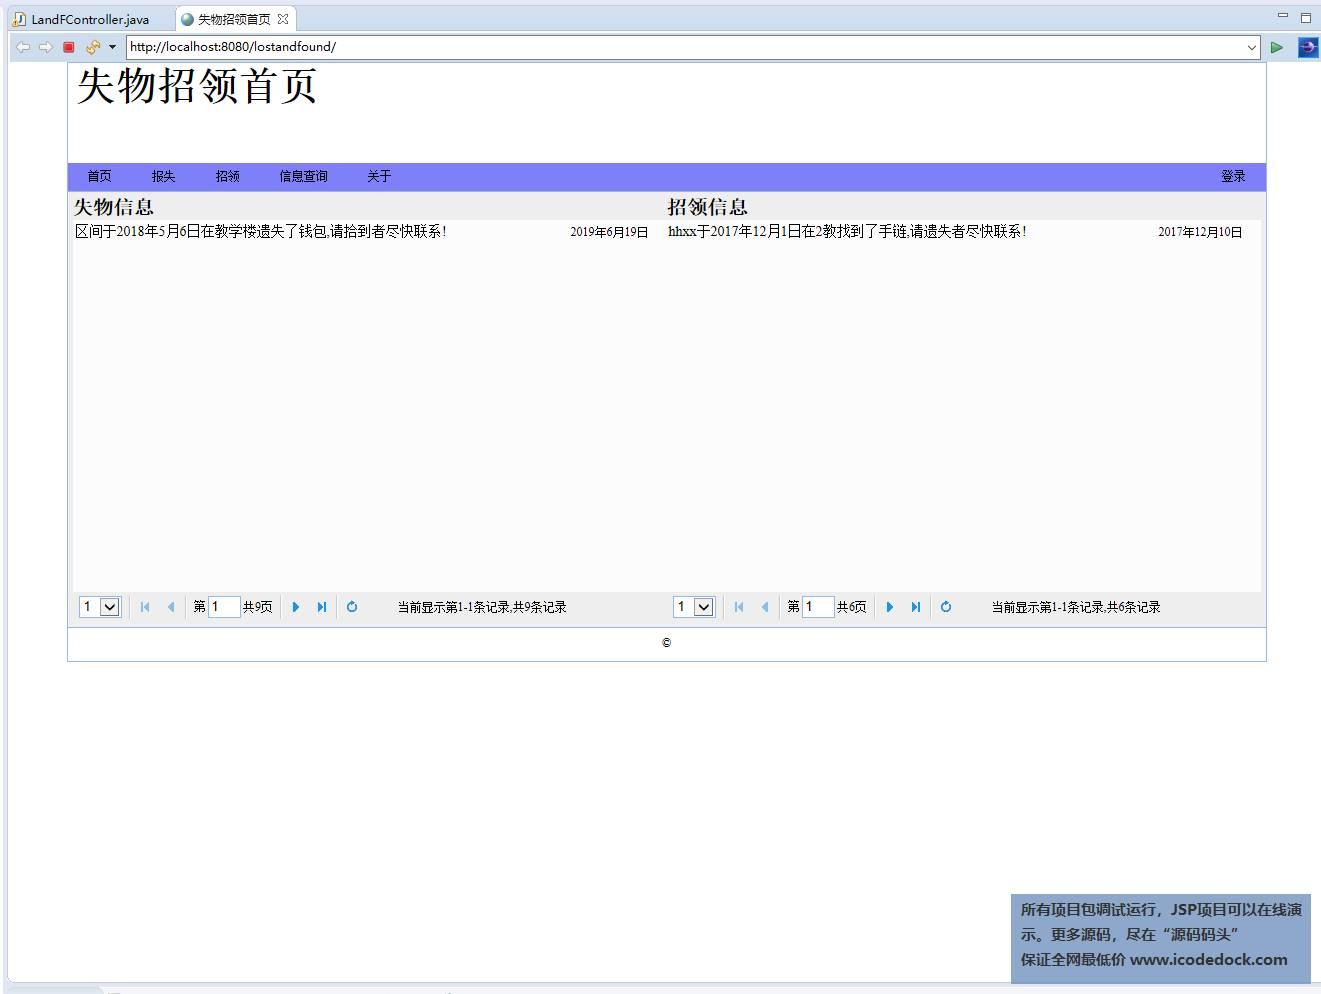 基于Spring+mybatis的SSM失物招领管理系统eclipse源码代码 - 源码码头